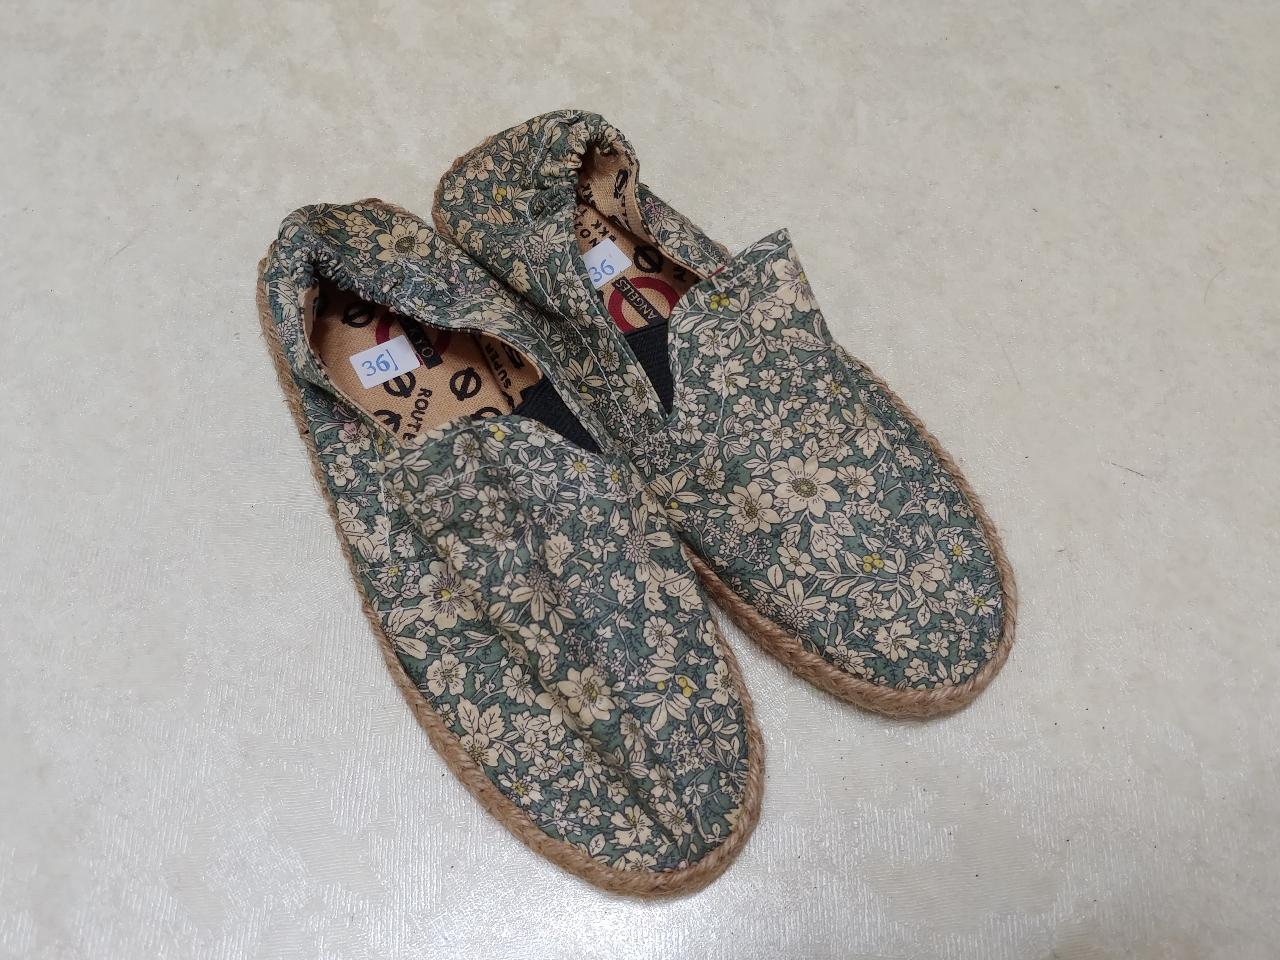 [신발] 방콕 백화점 터미널21 구매. 여름 신발 판매합니다.